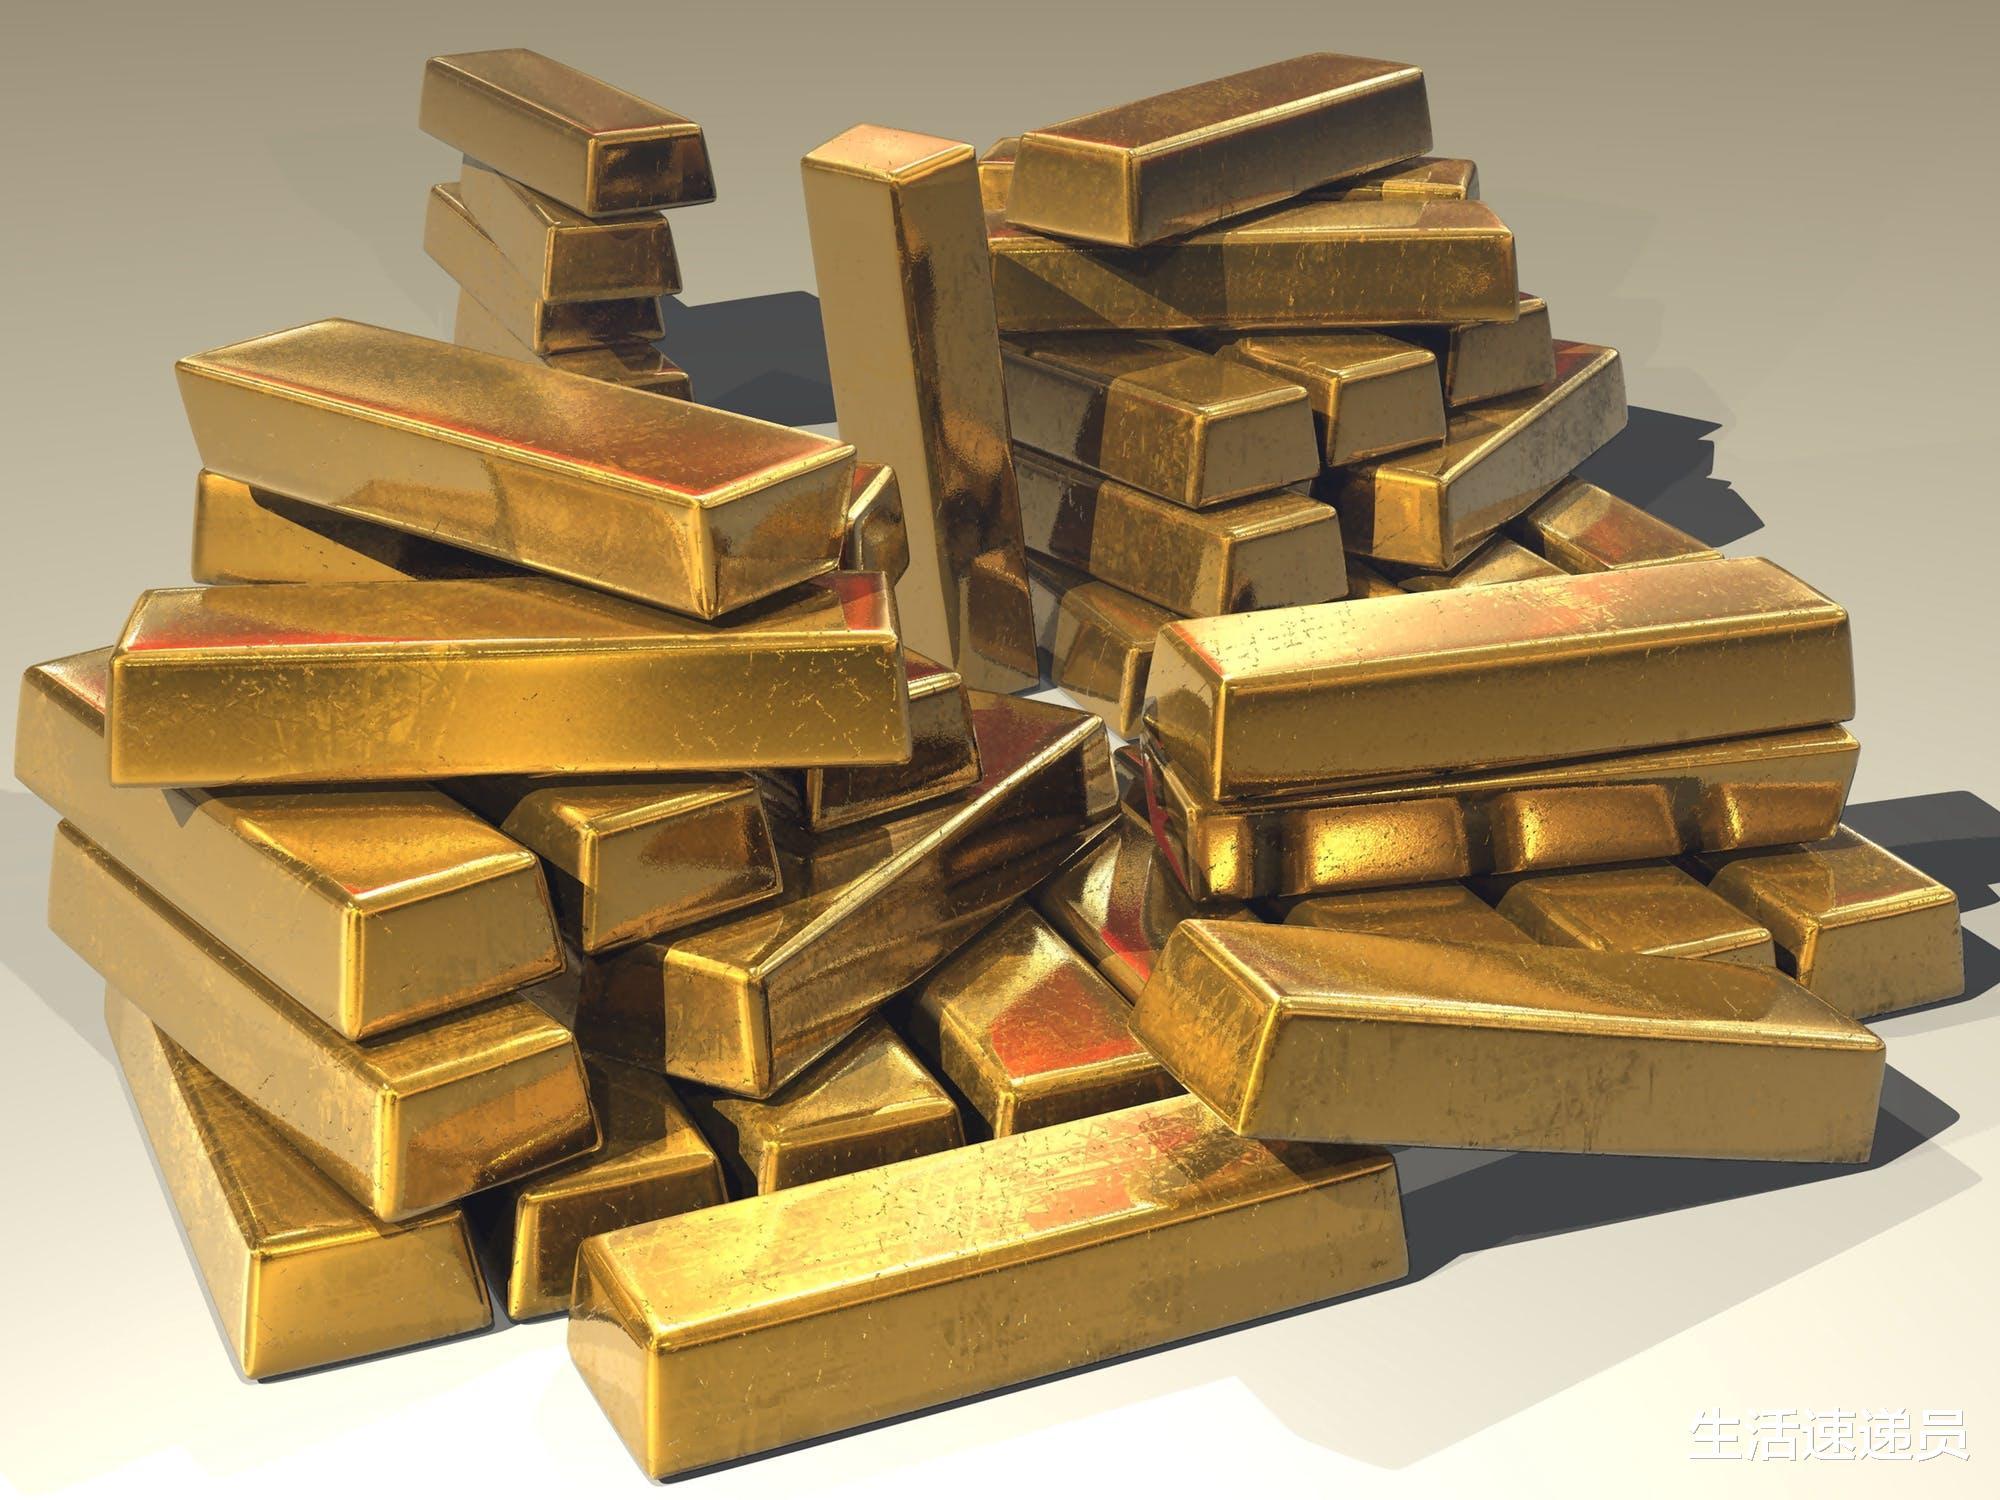 黄金价格最新消息:10月12日,国内各地实物黄金、黄金回收价格